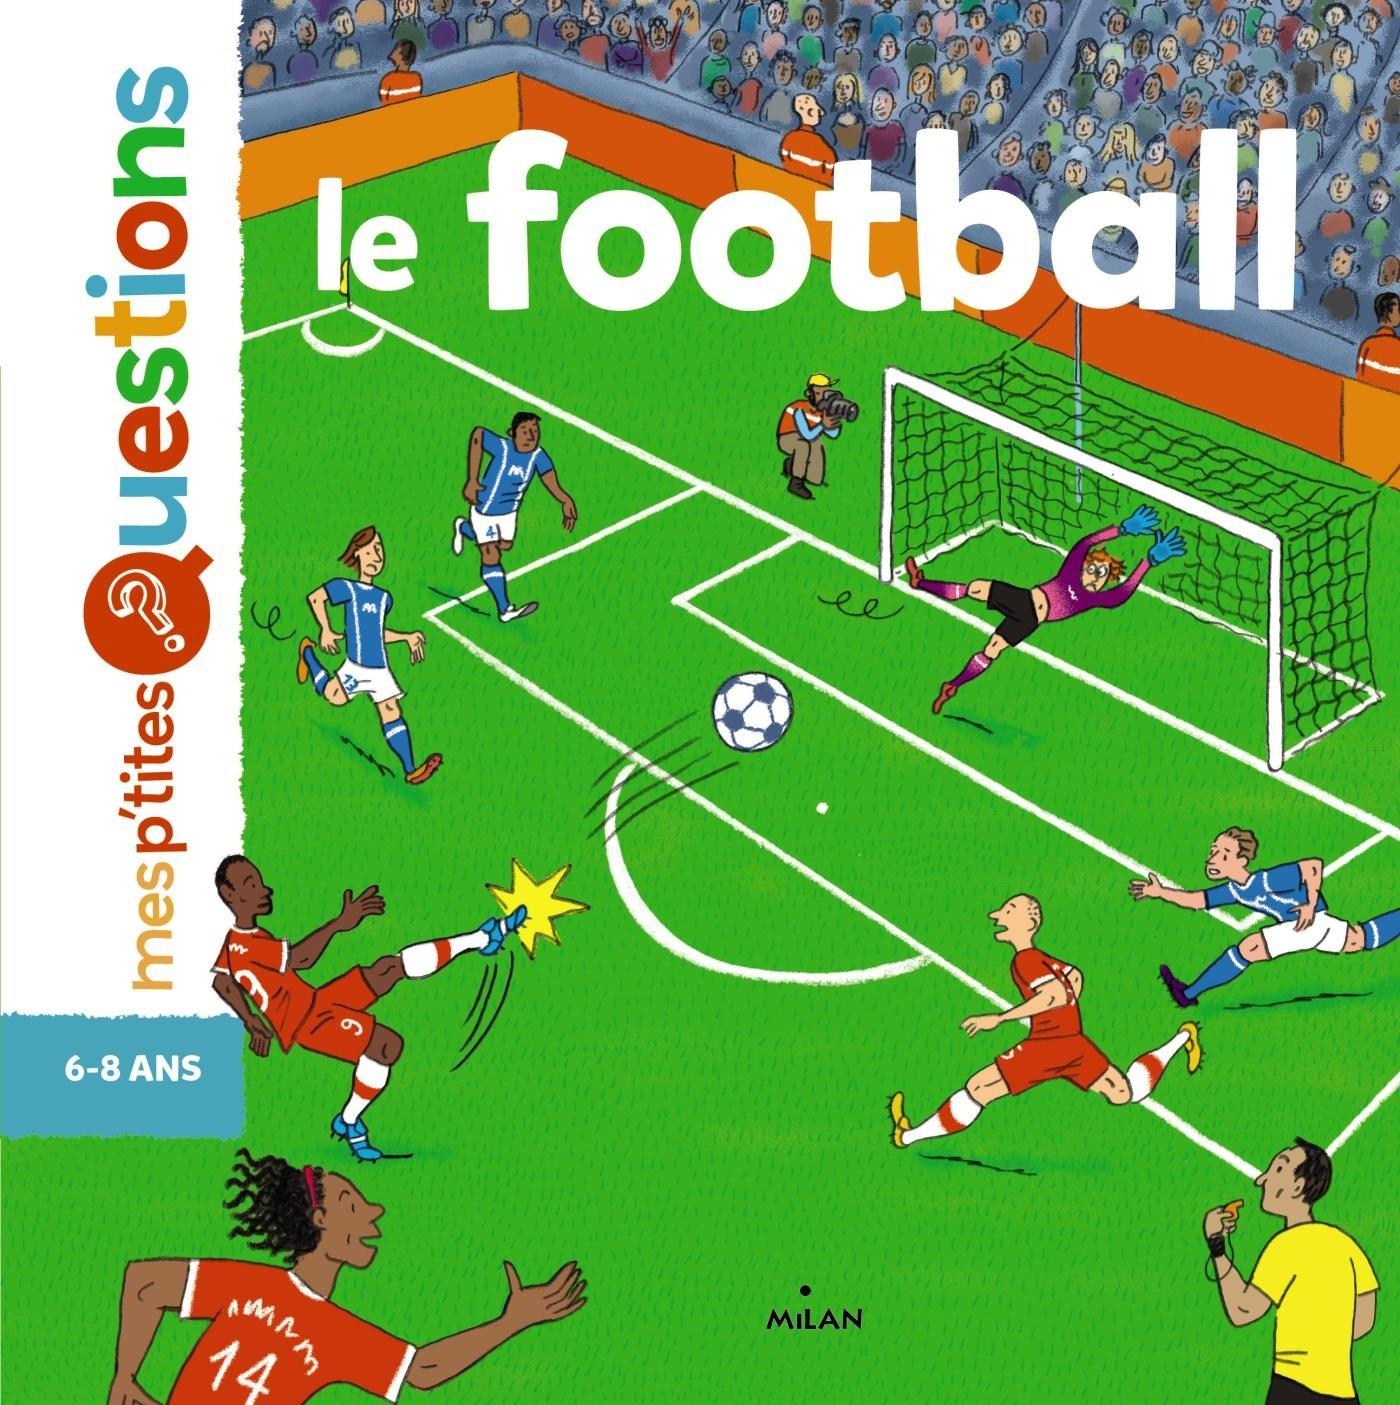 Le football por Stéphanie Ledu